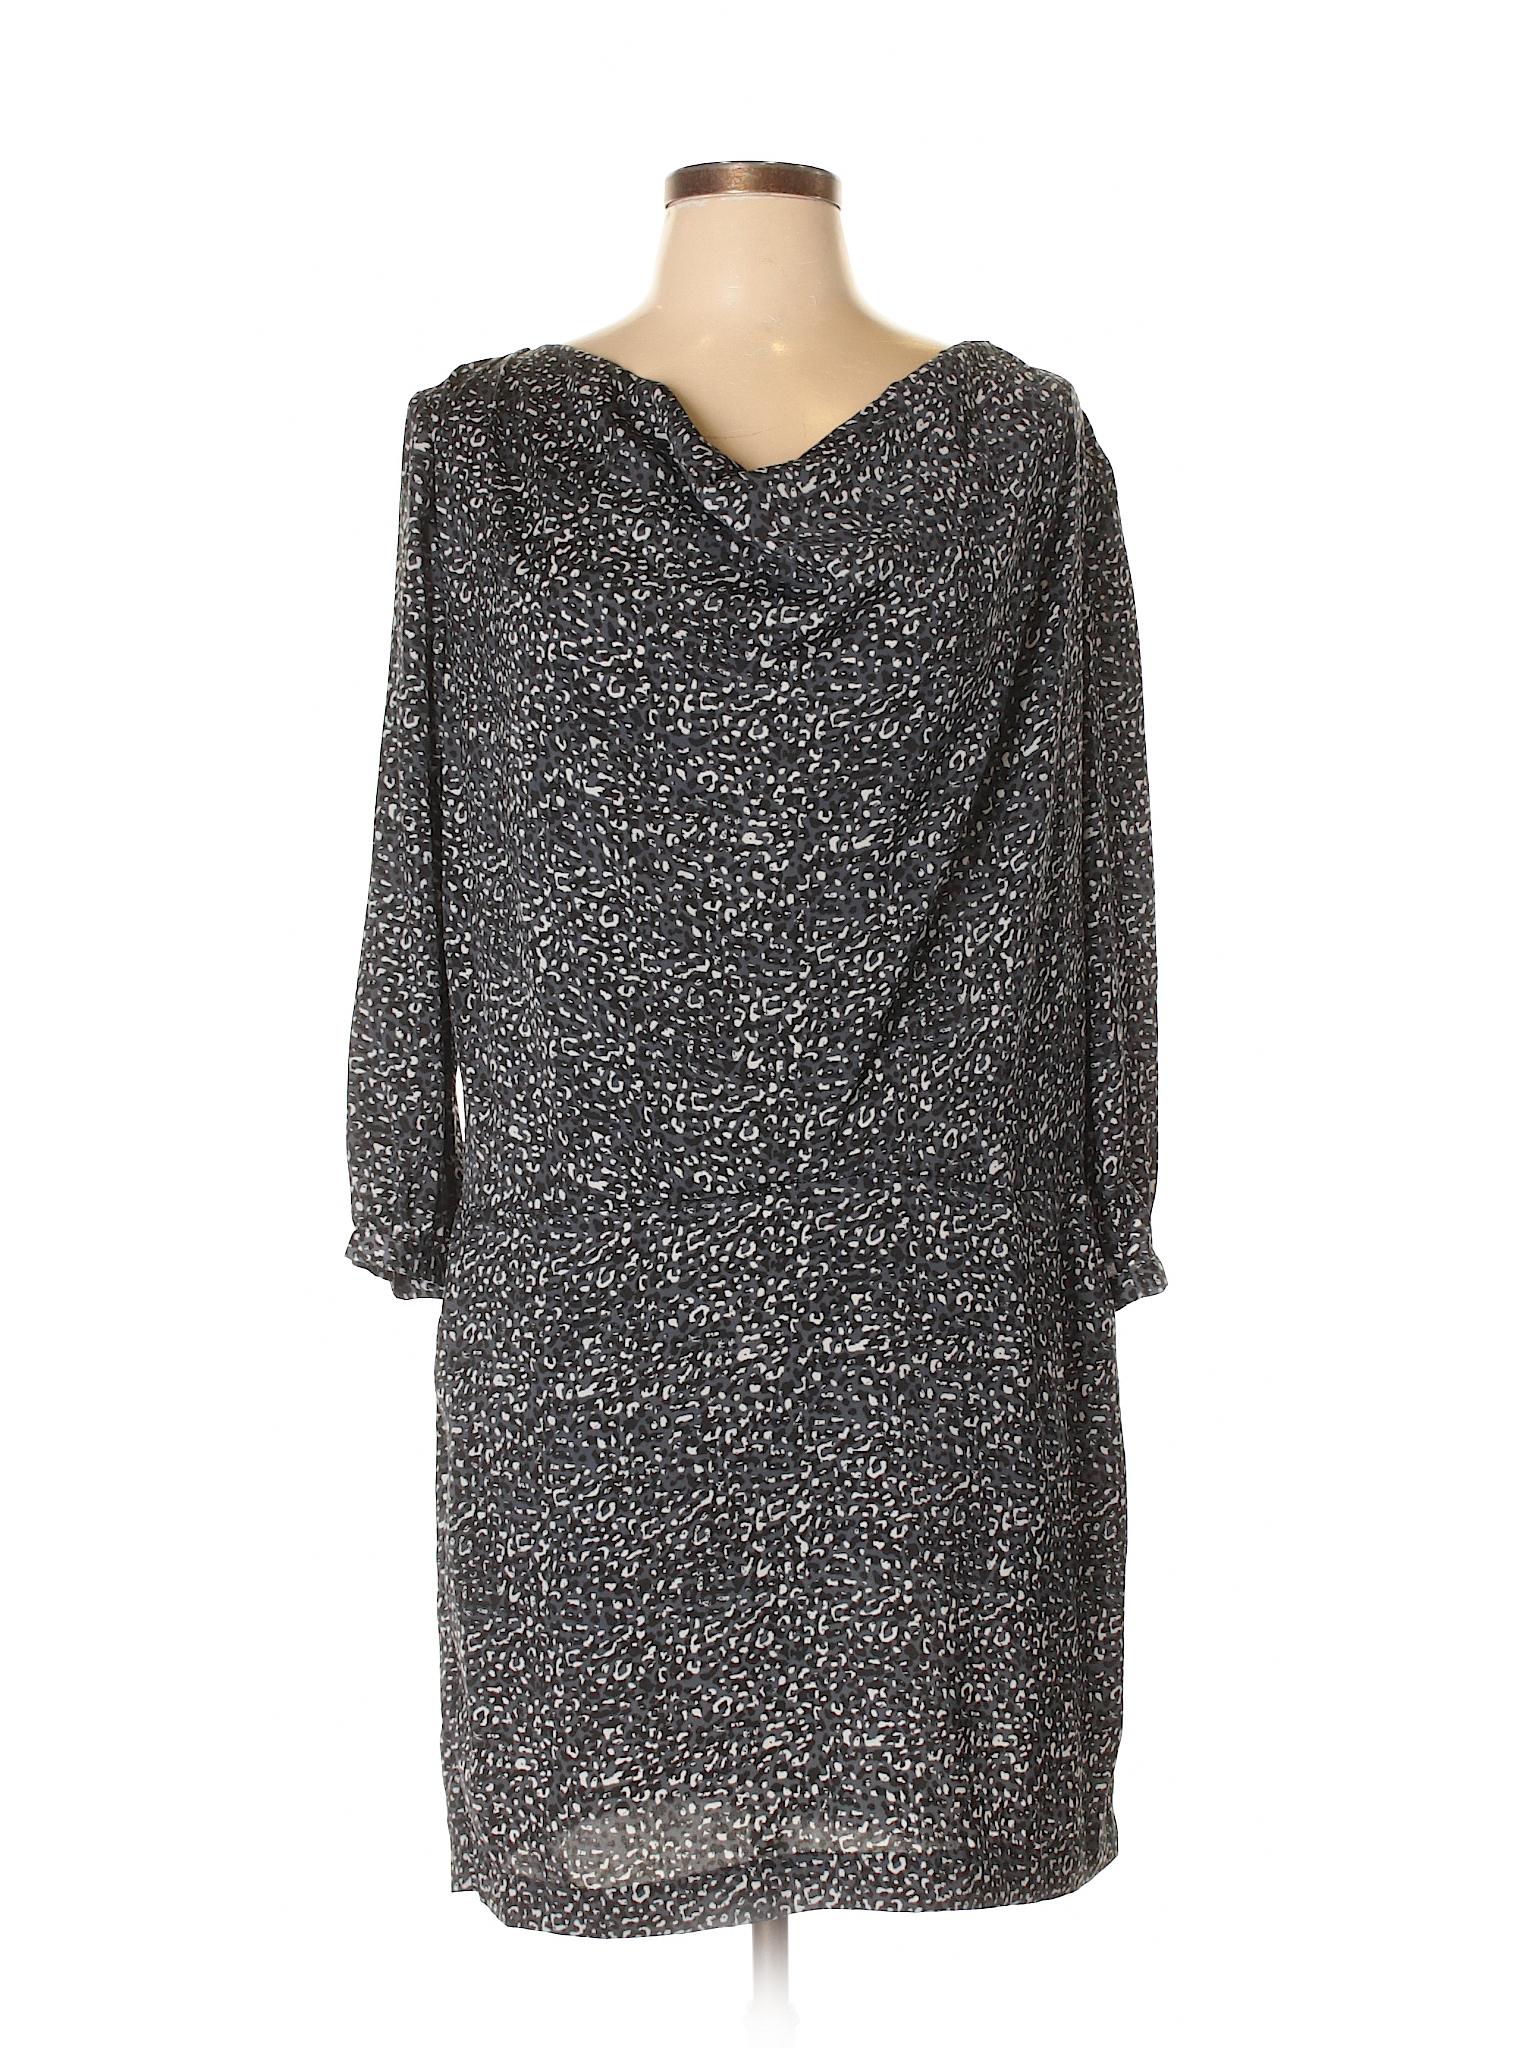 Boutique Gap Casual winter Dress Boutique winter Gap winter Boutique Casual Dress gOUHAqx